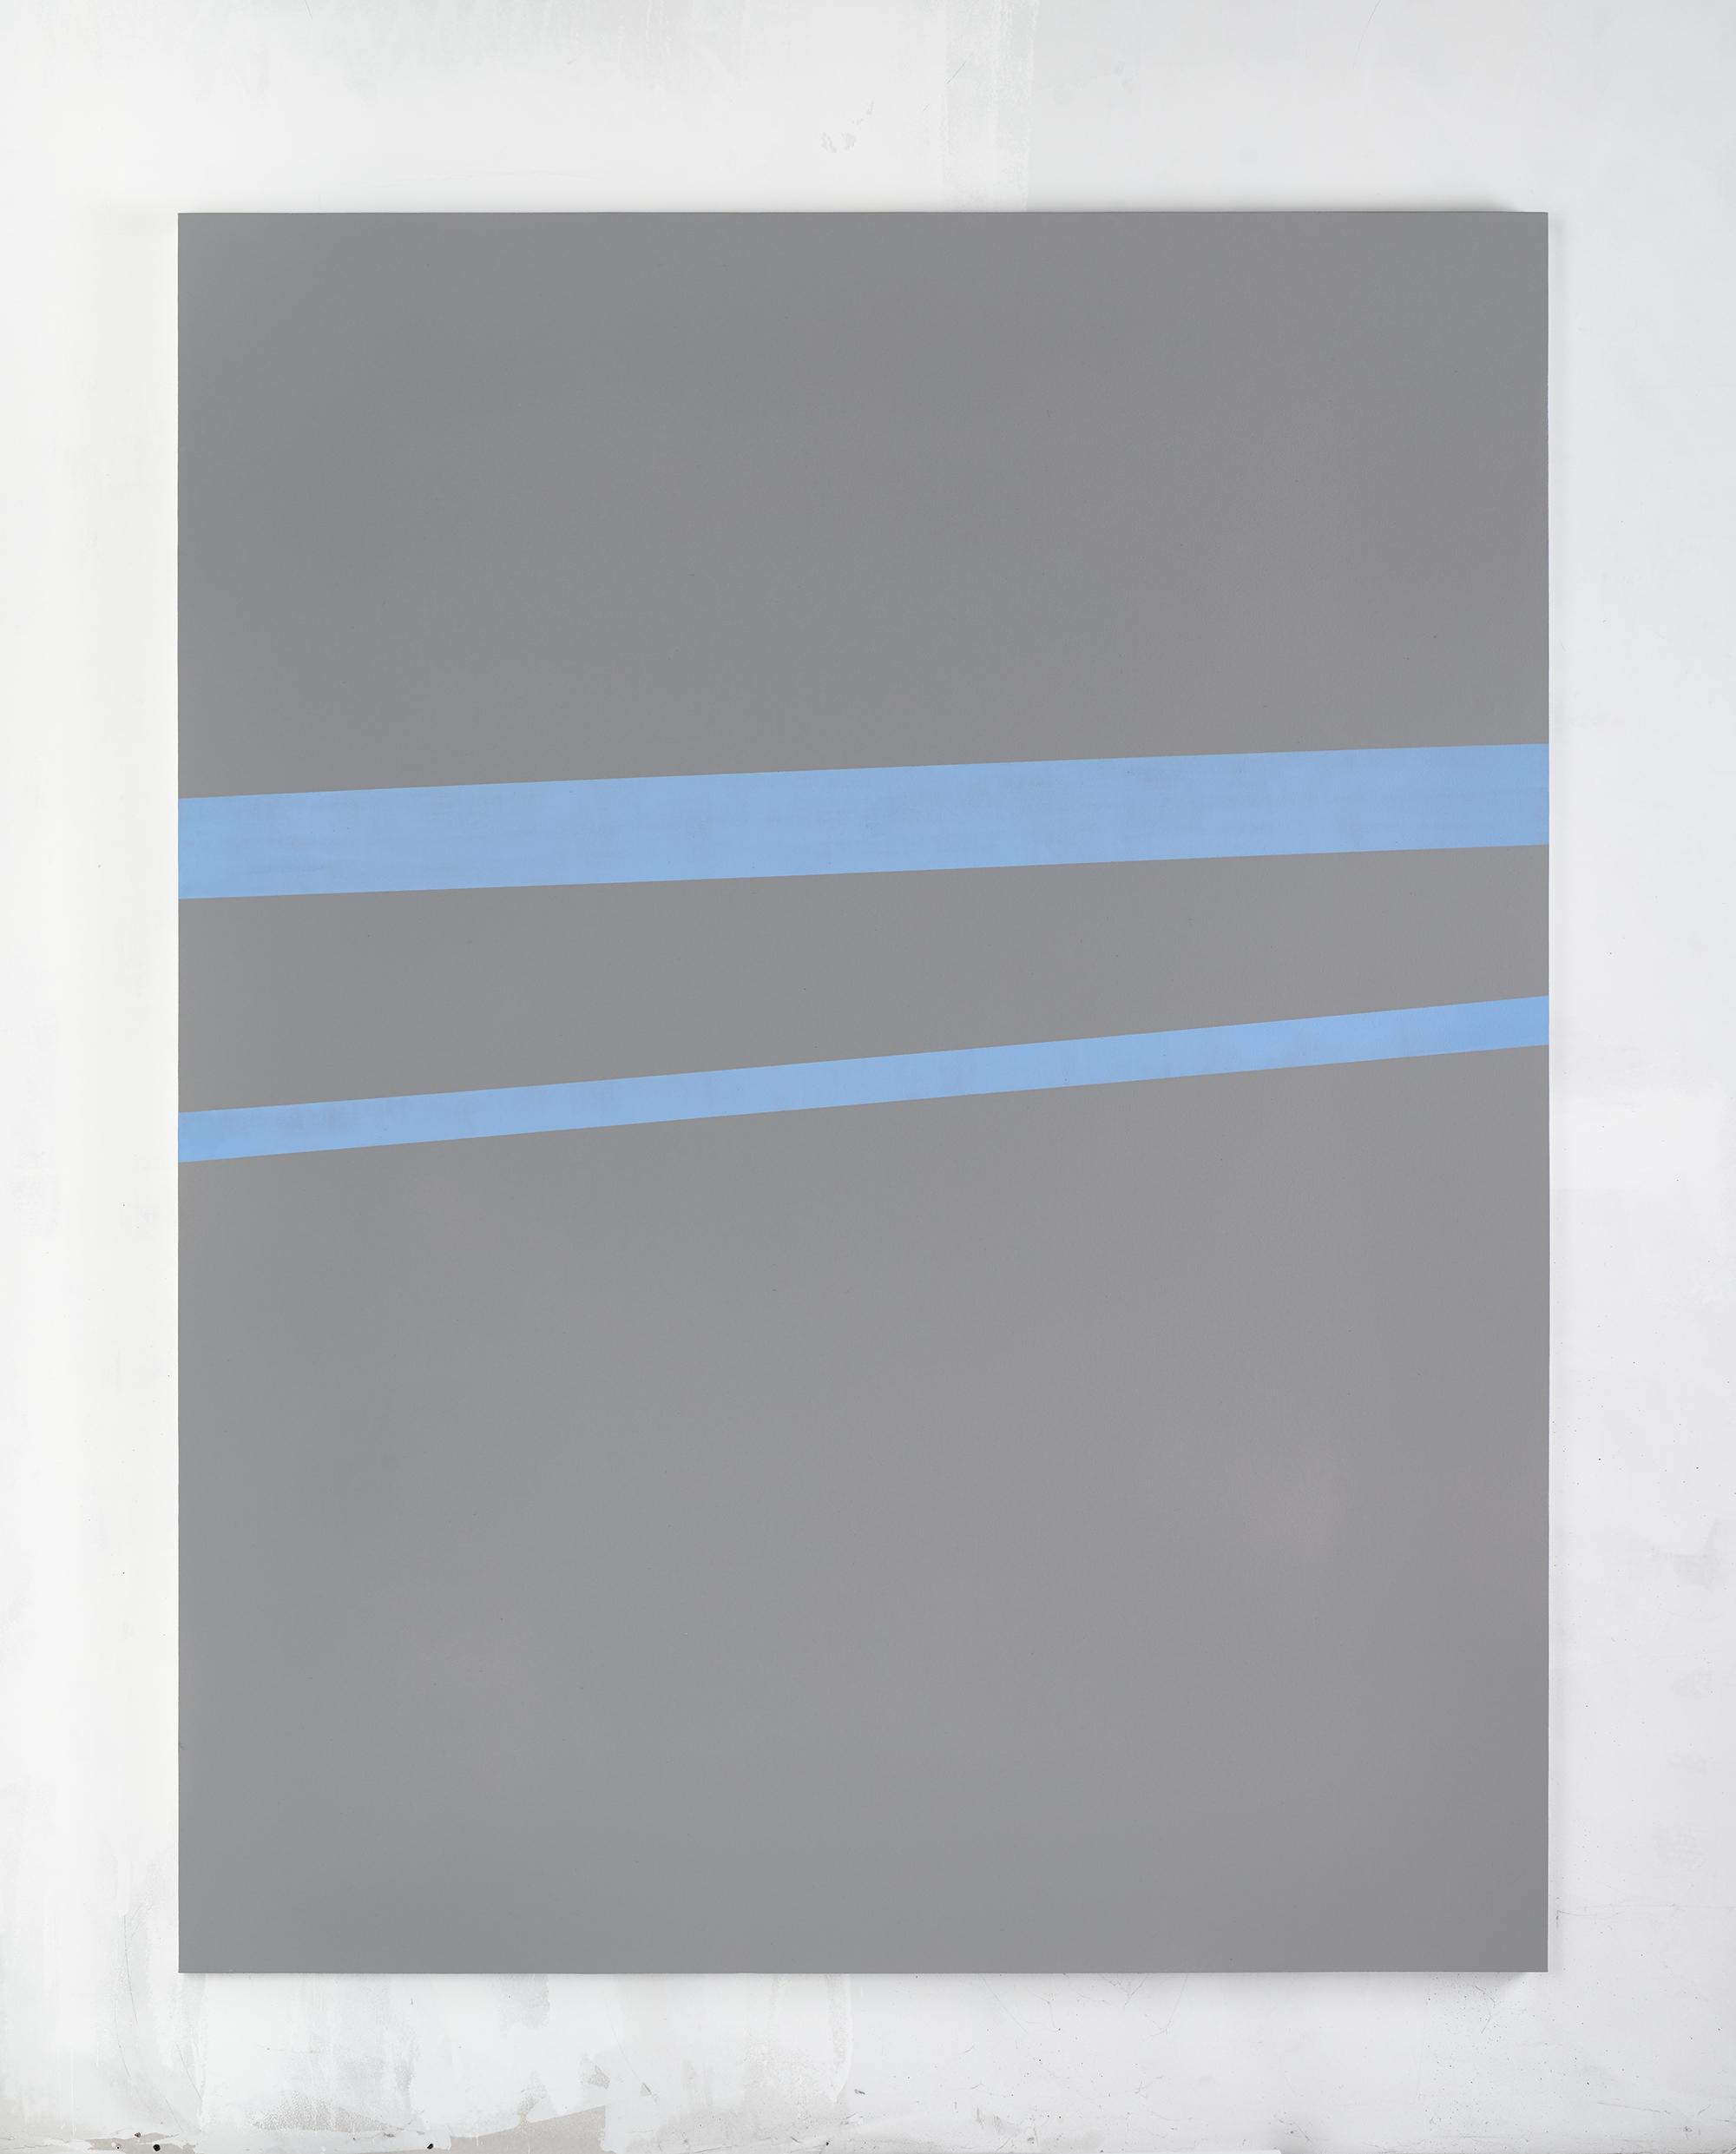 3. Michele Lombardelli, senza titolo, 2018, tempera su lino, 180x140cm